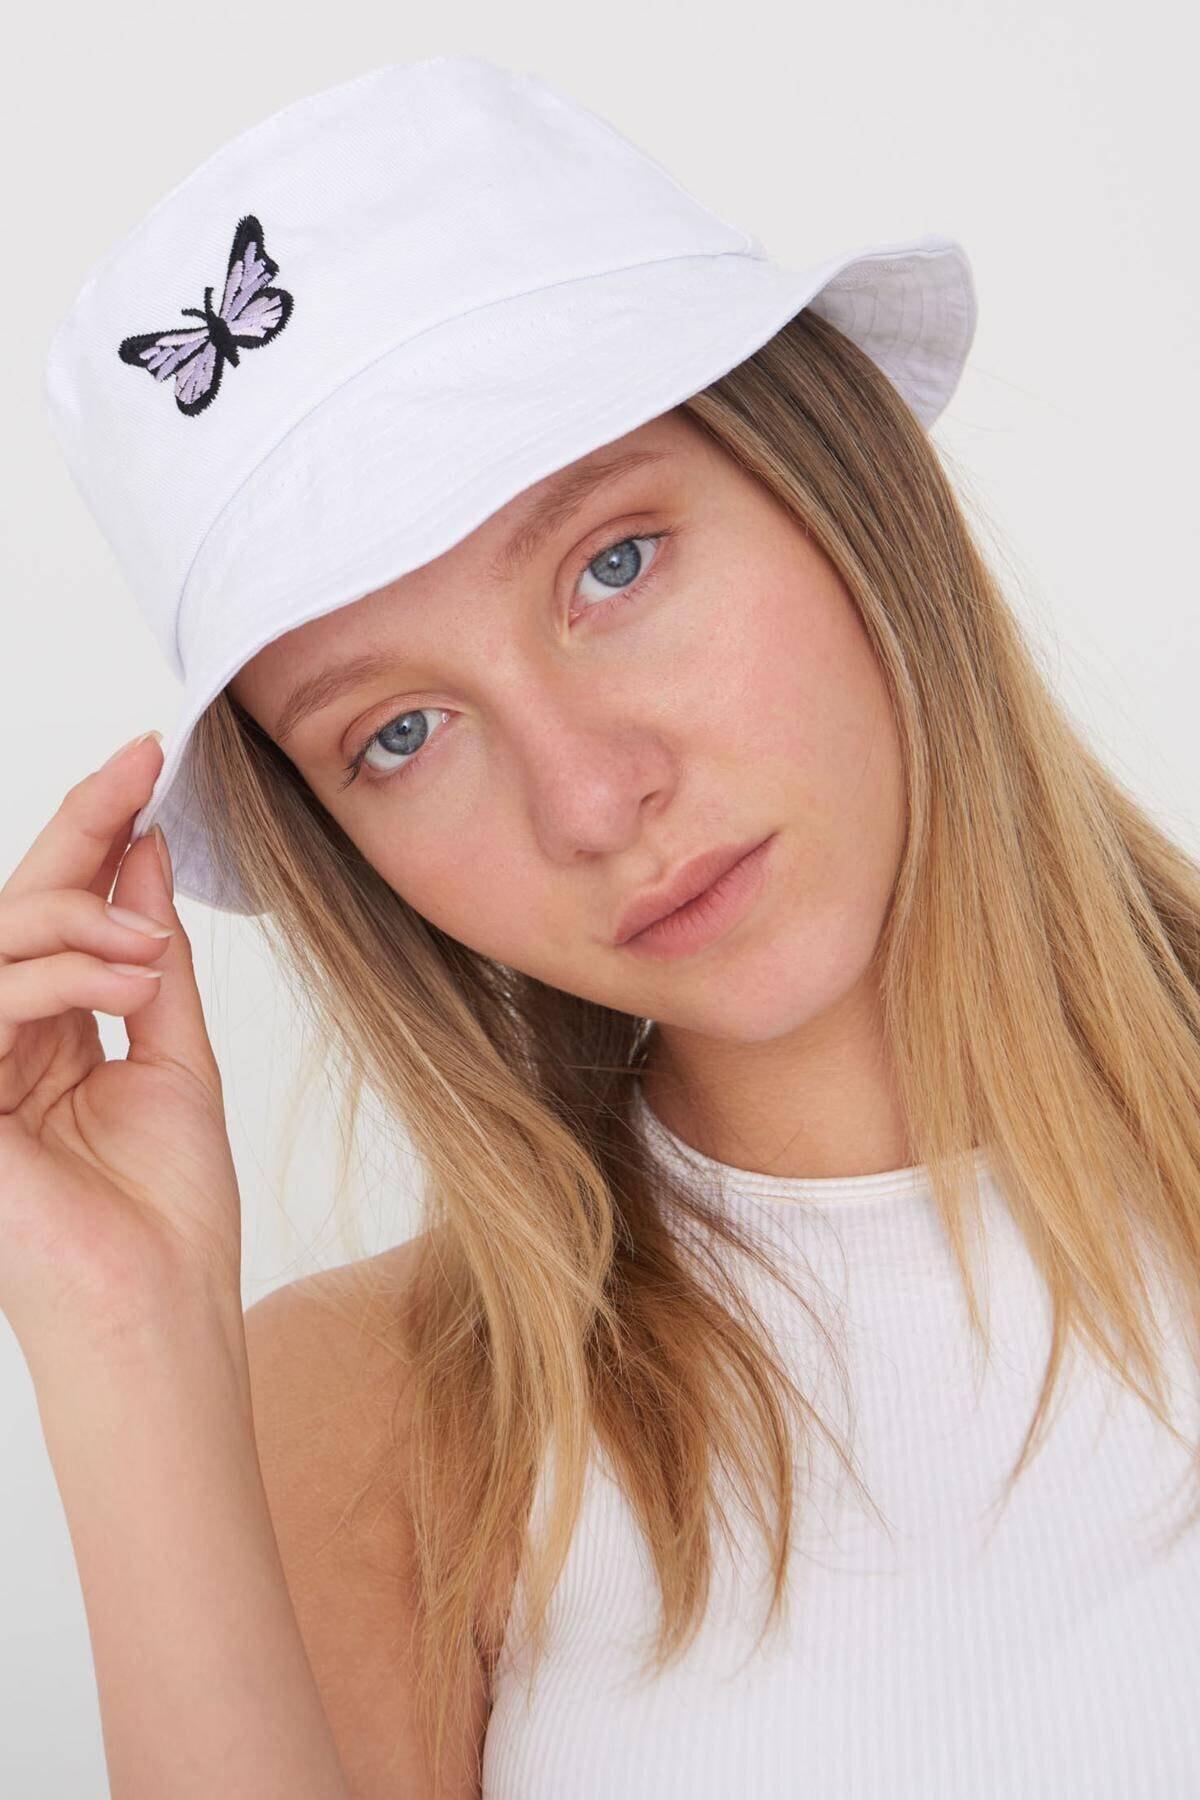 Işleme Detaylı Şapka Şpk1021 - D2